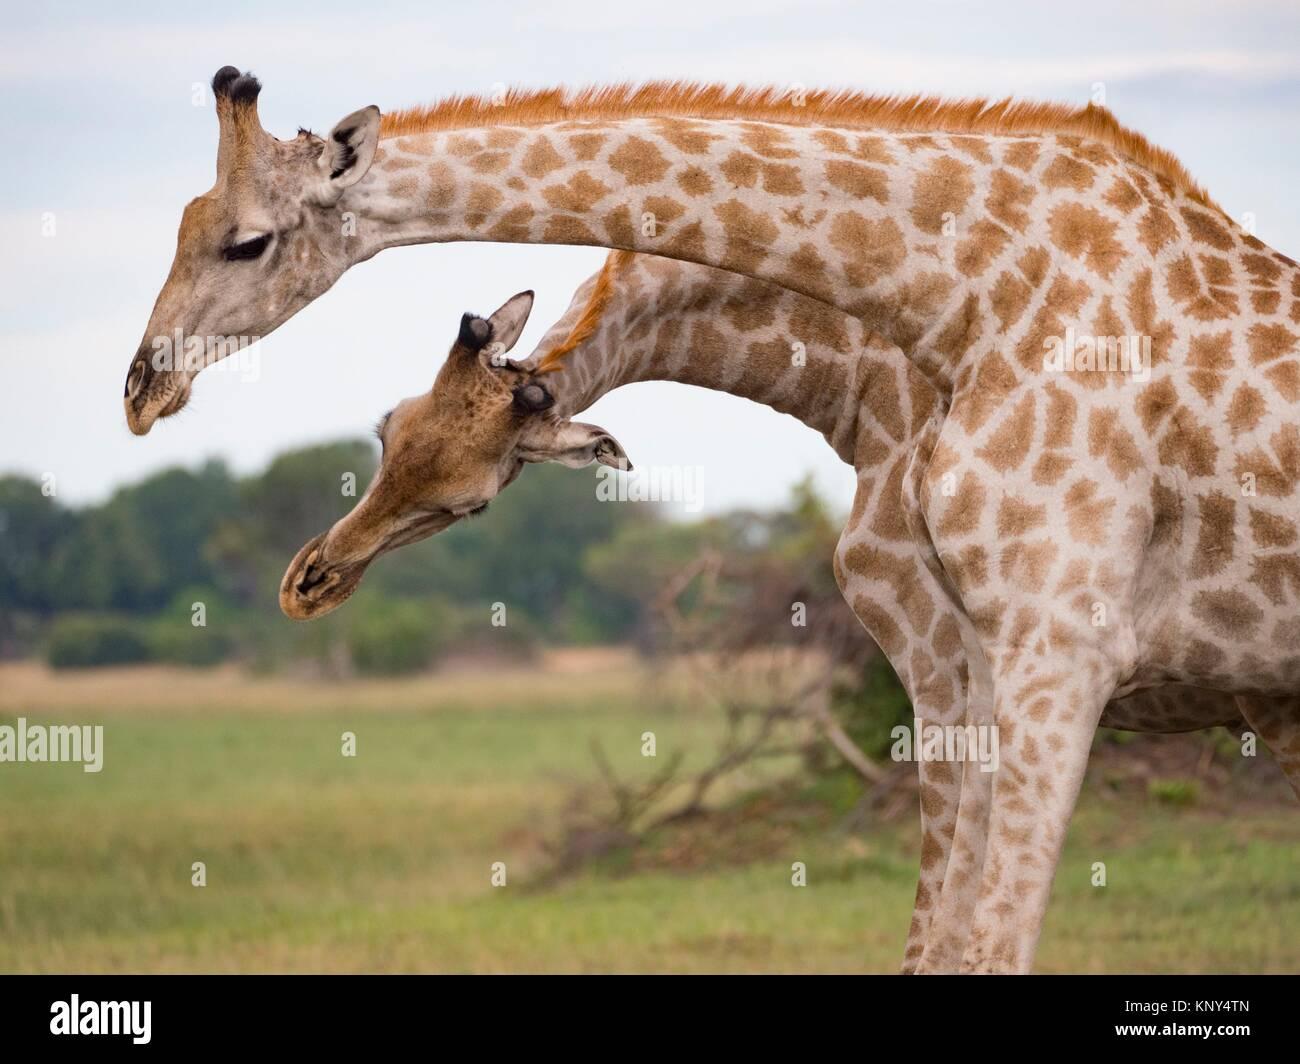 Botswana. Giraffe. - Stock Image